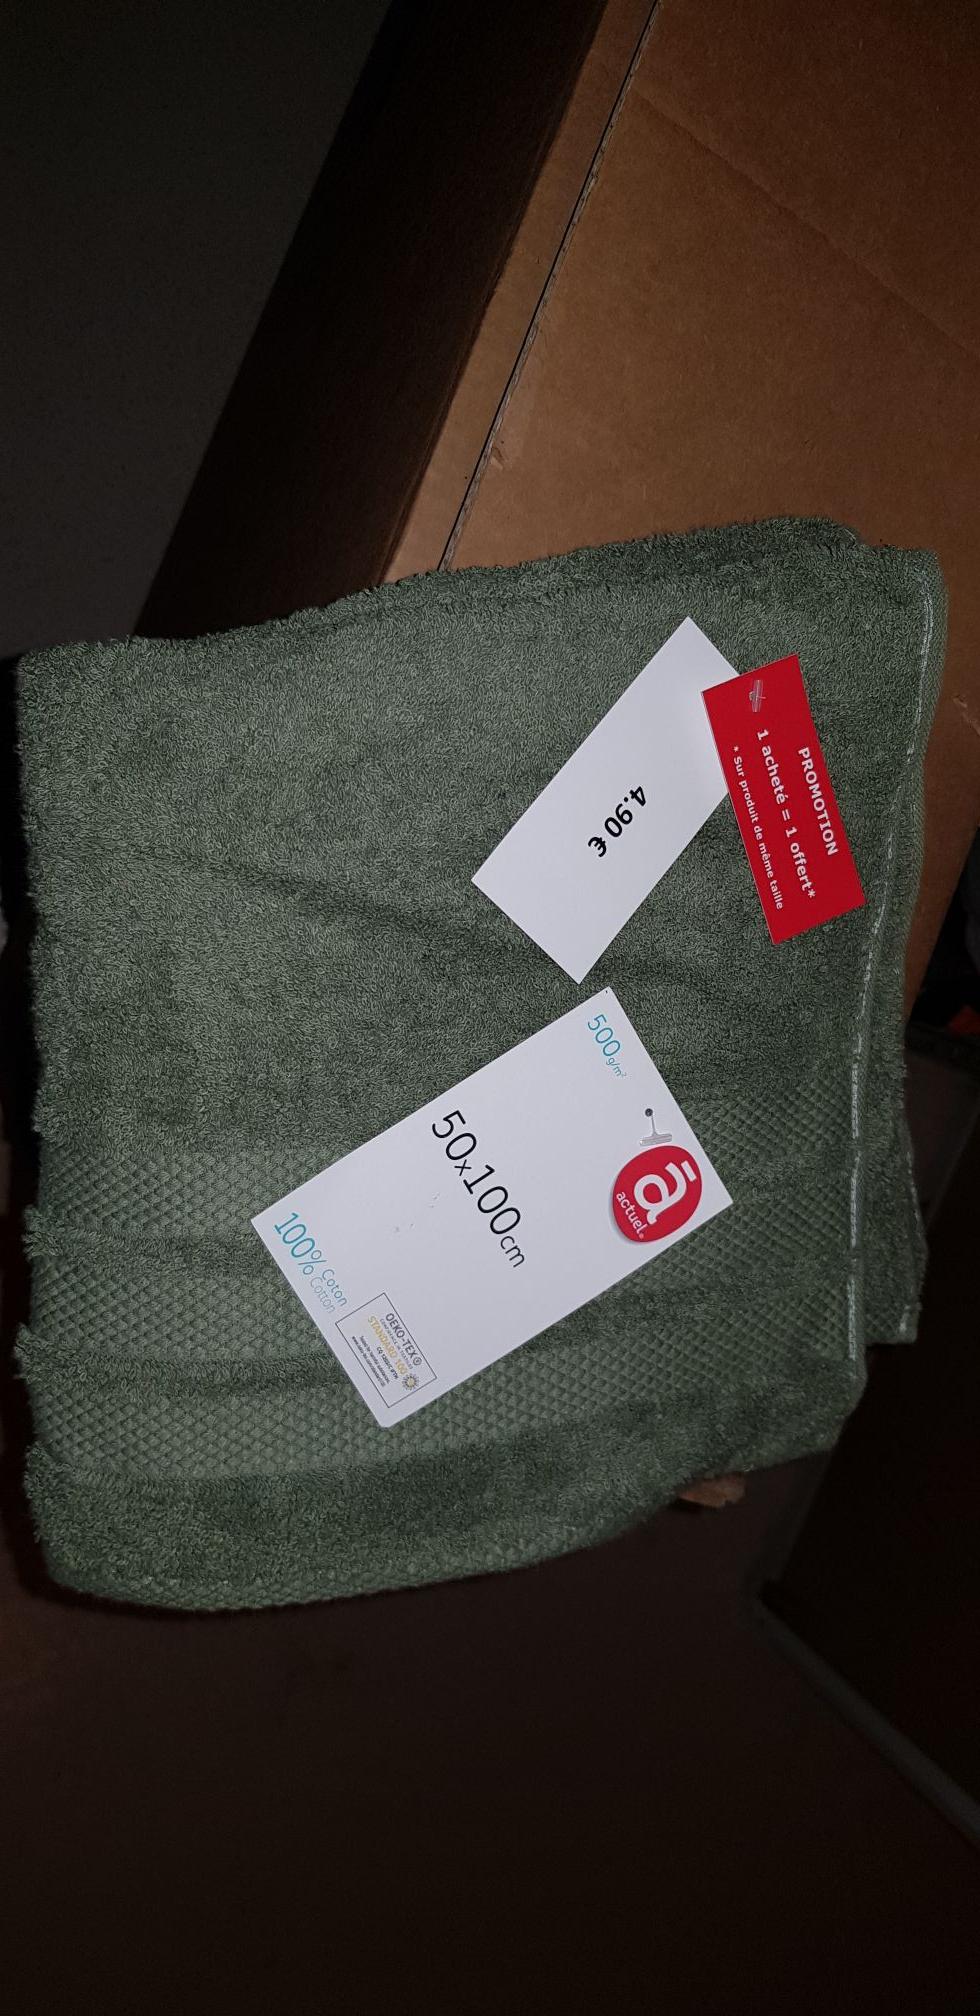 Lot de 2 serviettes de douche - 50 x 100 cm (autres tailles disponibles) - Val d'Europe (77)